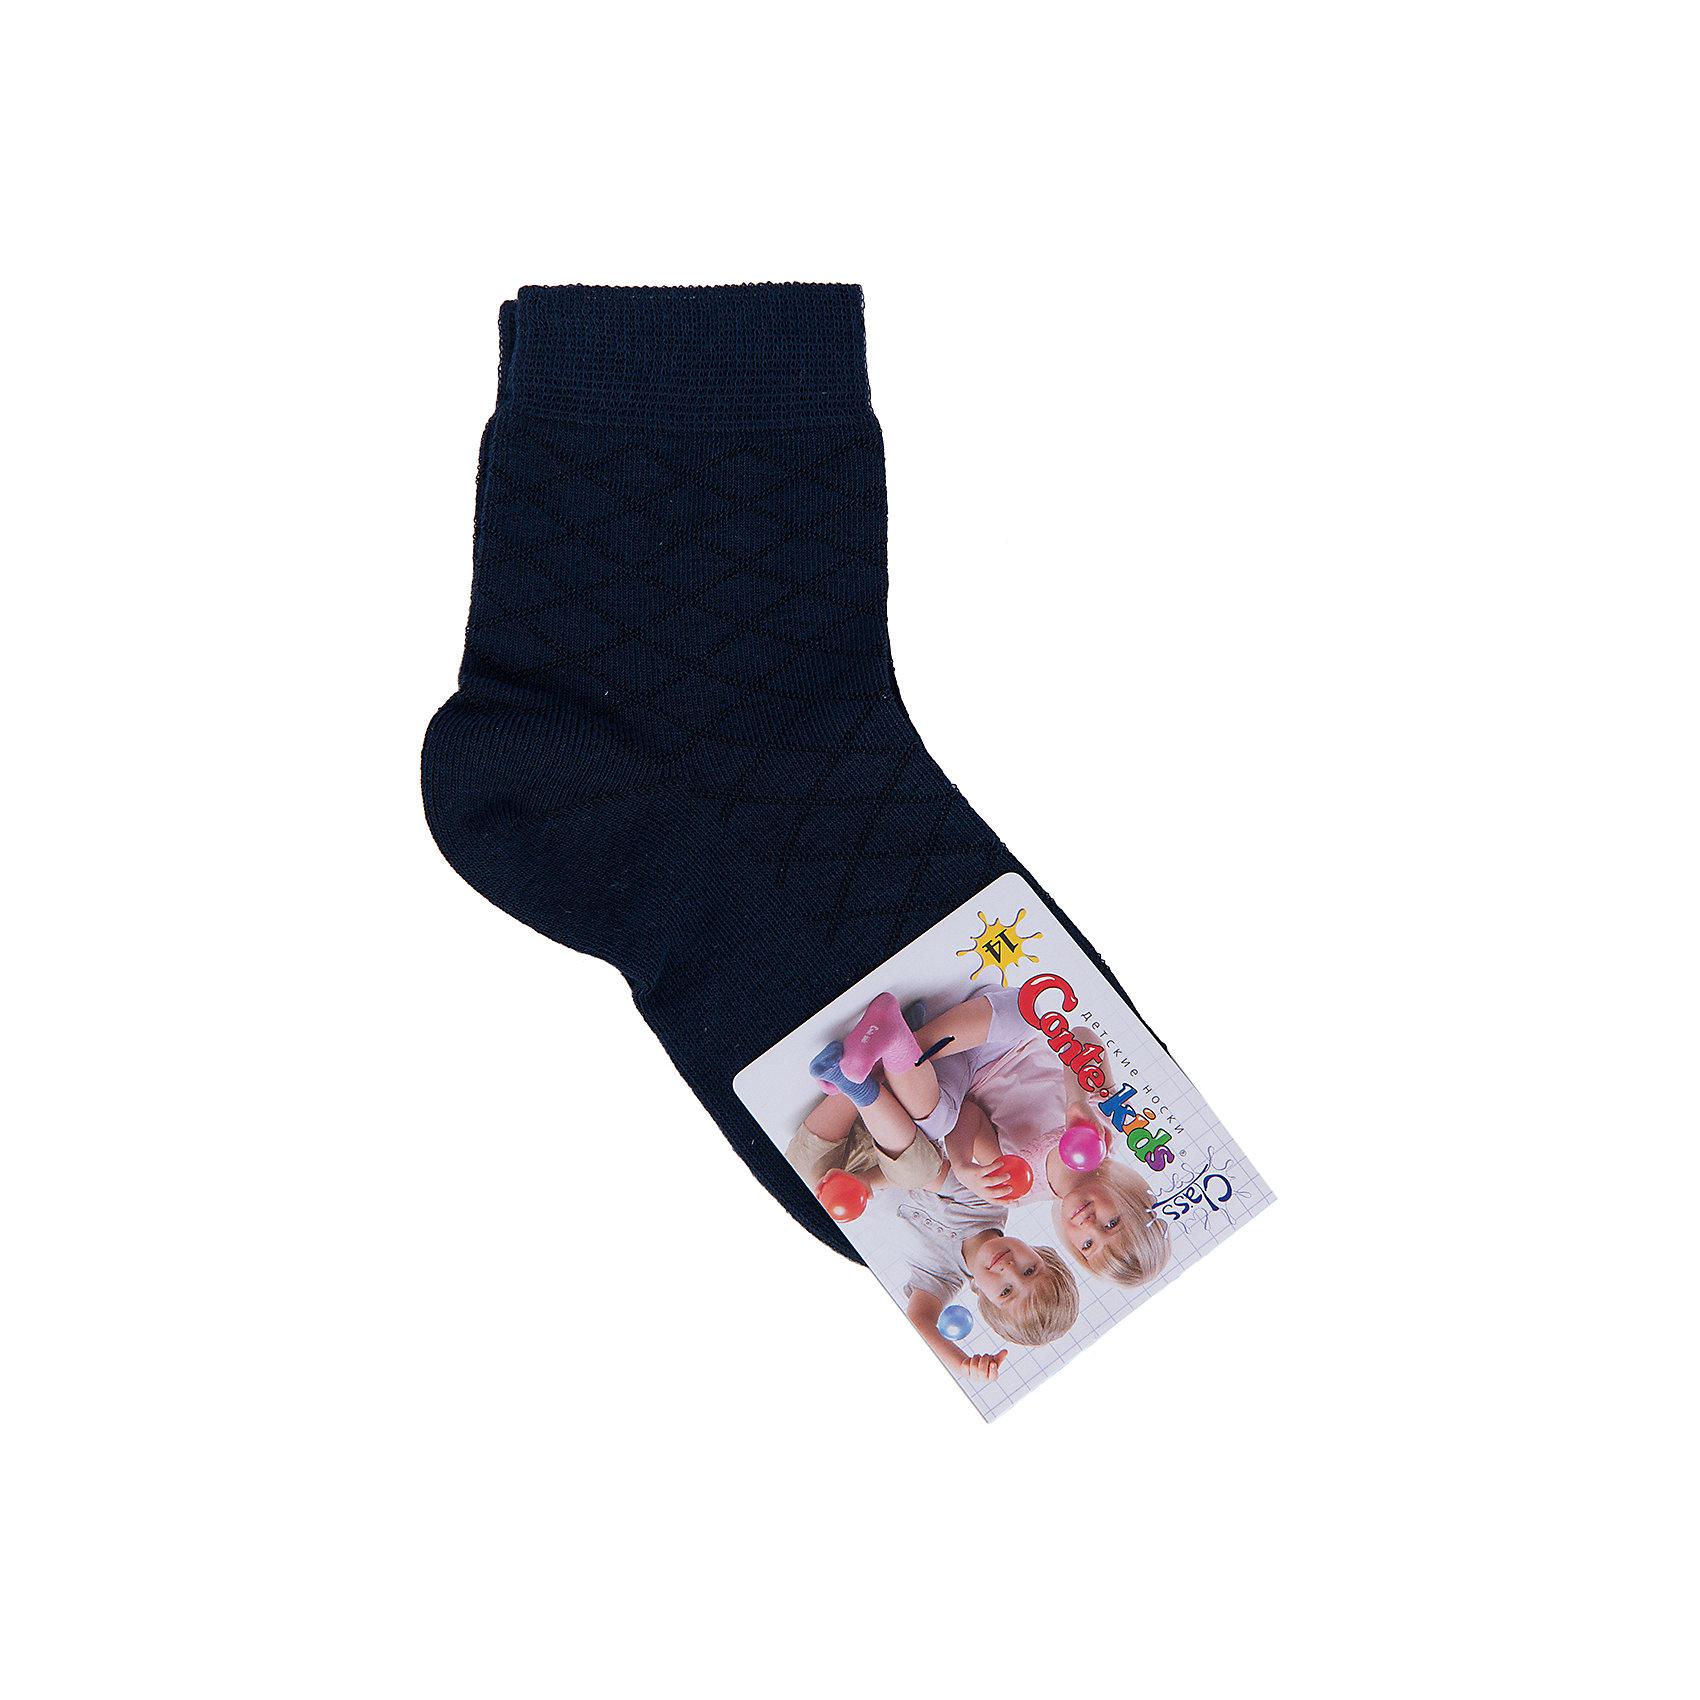 Носки  Conte-kidsДетские носки известной марки Conte-kids.<br>- Мягкие,  эластичные,  удобные и практичные.<br>- От белорусского производителя. <br>- Для девочек и мальчиков. <br><br>Состав: 50% - хлопок, 47,2% - полиамид, 2,8% - эластан.<br><br>Ширина мм: 87<br>Глубина мм: 10<br>Высота мм: 105<br>Вес г: 115<br>Цвет: синий<br>Возраст от месяцев: 36<br>Возраст до месяцев: 48<br>Пол: Унисекс<br>Возраст: Детский<br>Размер: 14<br>SKU: 4823967